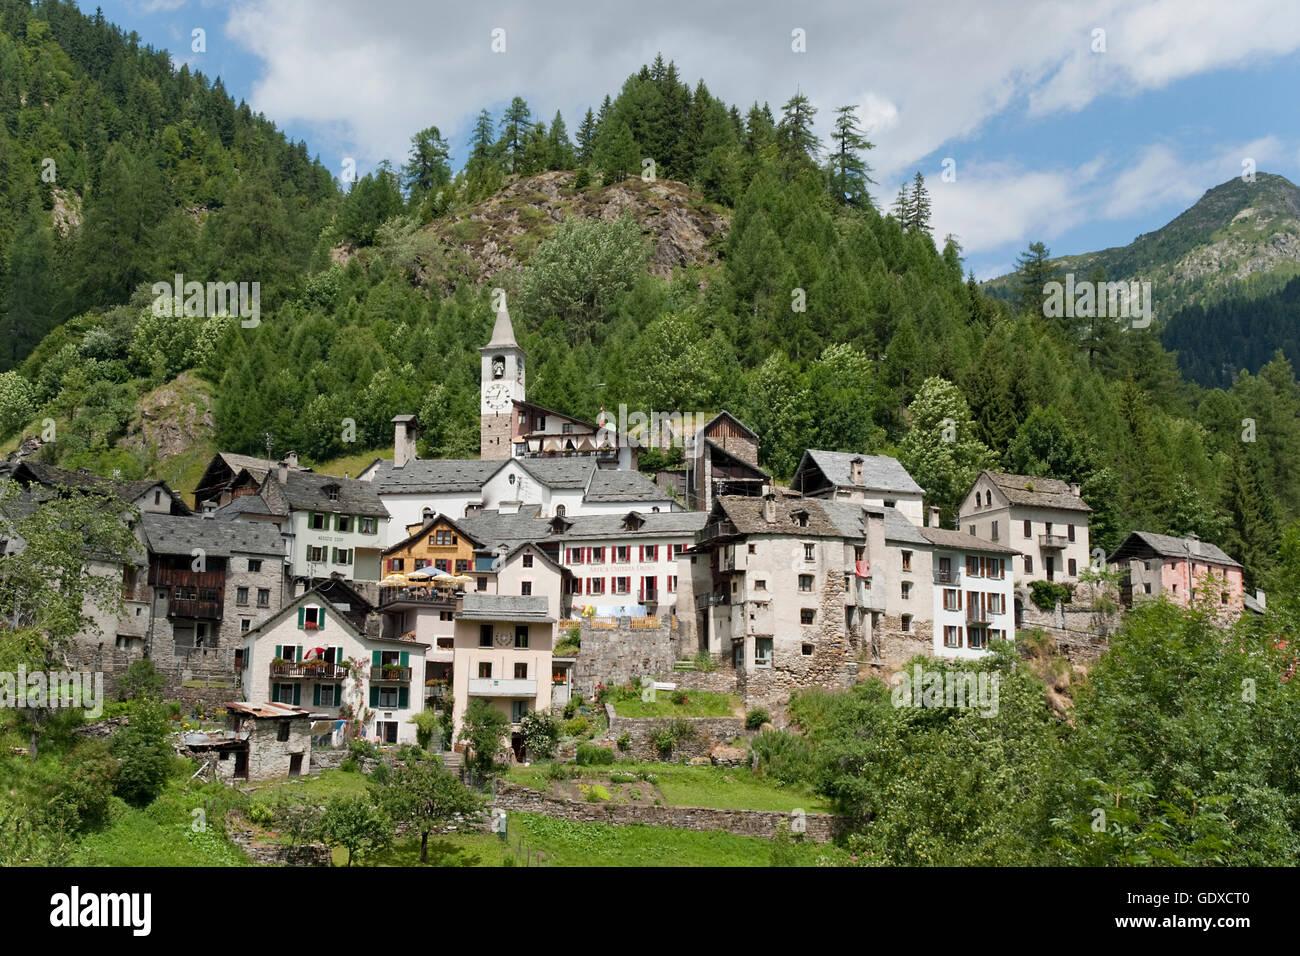 Pequeña ciudad, Fusio, Valle Maggia, Tesino, Suiza Foto de stock